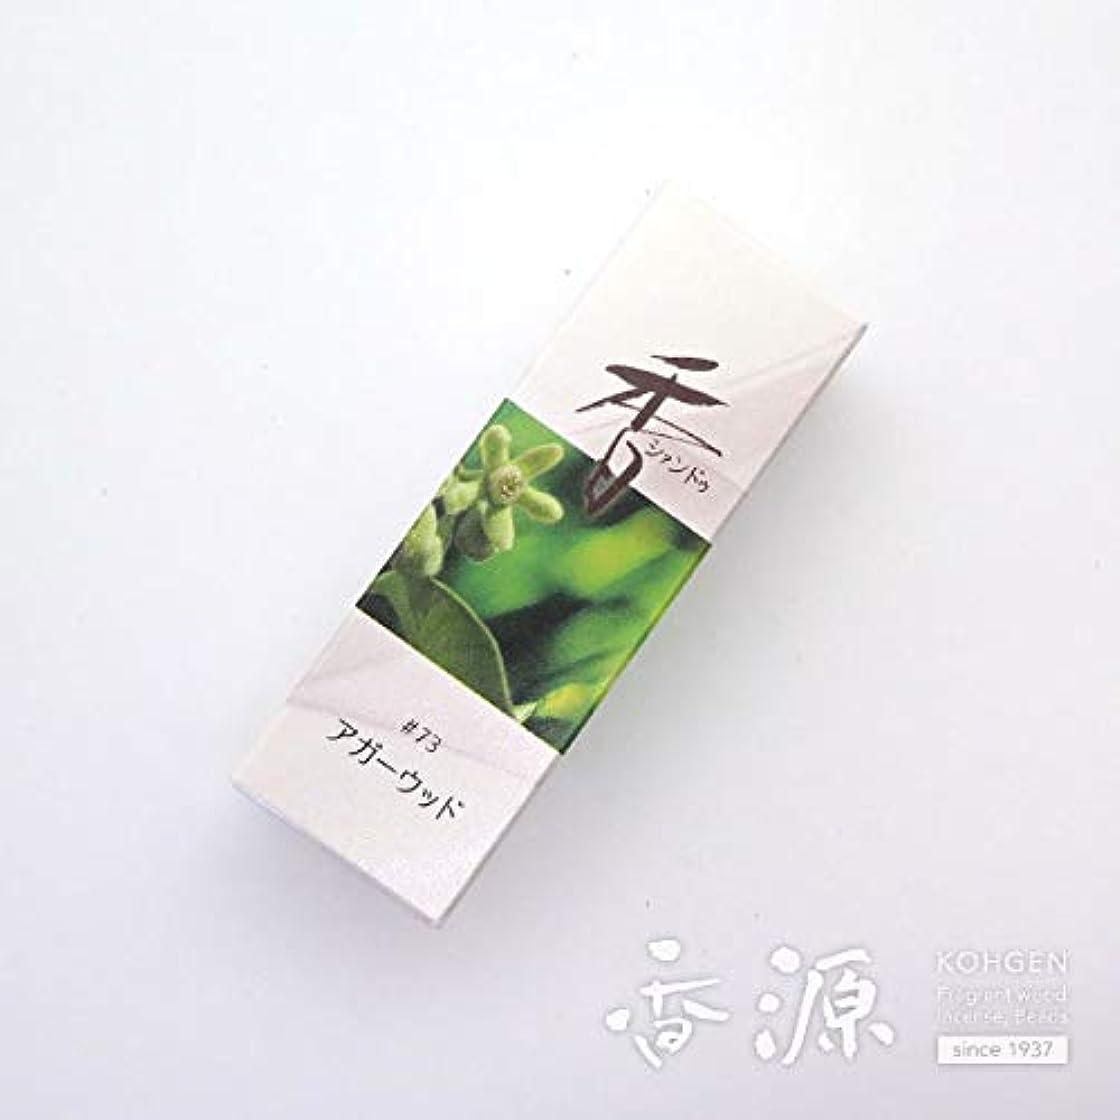 言う米国小さな松栄堂のお香 Xiang Do(シャンドゥ) アガーウッド ST20本入 簡易香立付 #214273